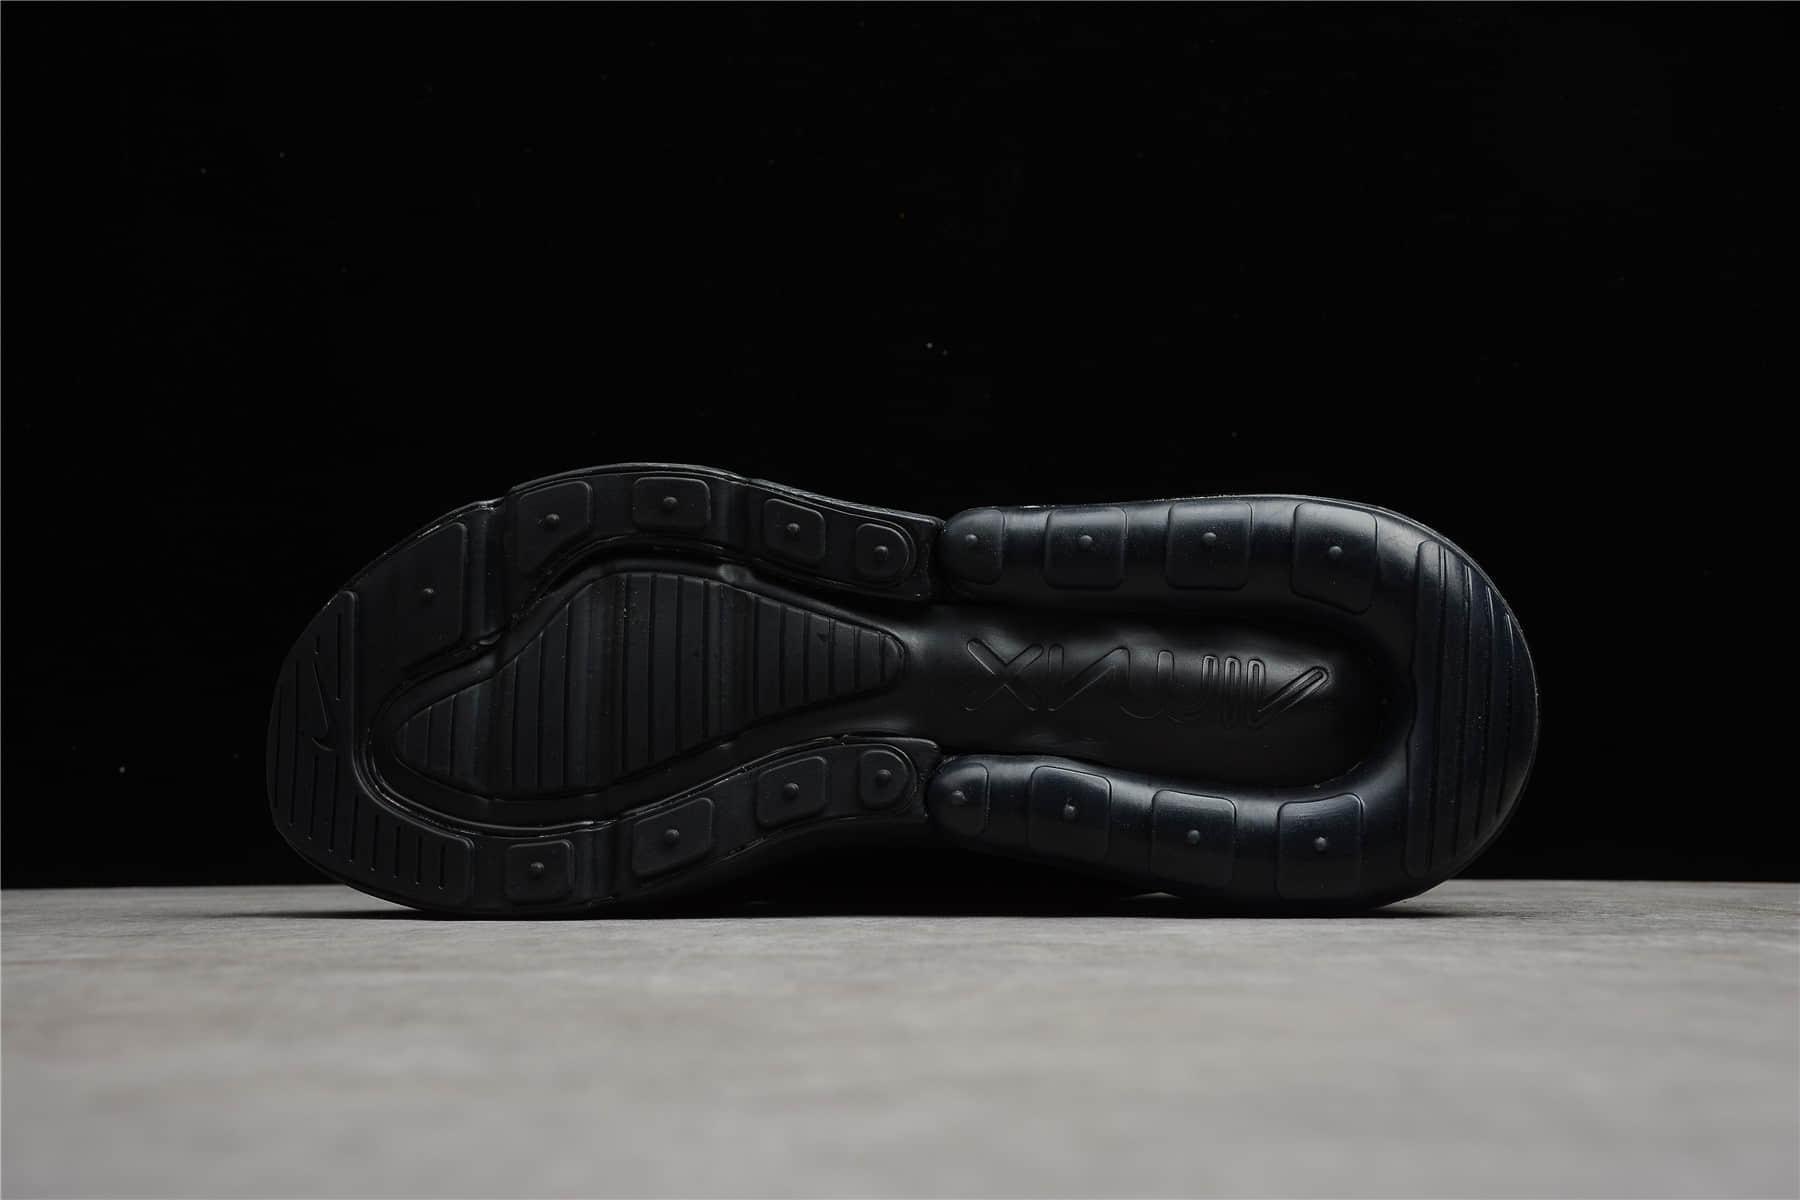 耐克MAX270OW联名款黑色 Nike Air Max 270 x Off White 原厂耐克一比一复刻 耐克OW联名 货号:AH8050-005-潮流者之家